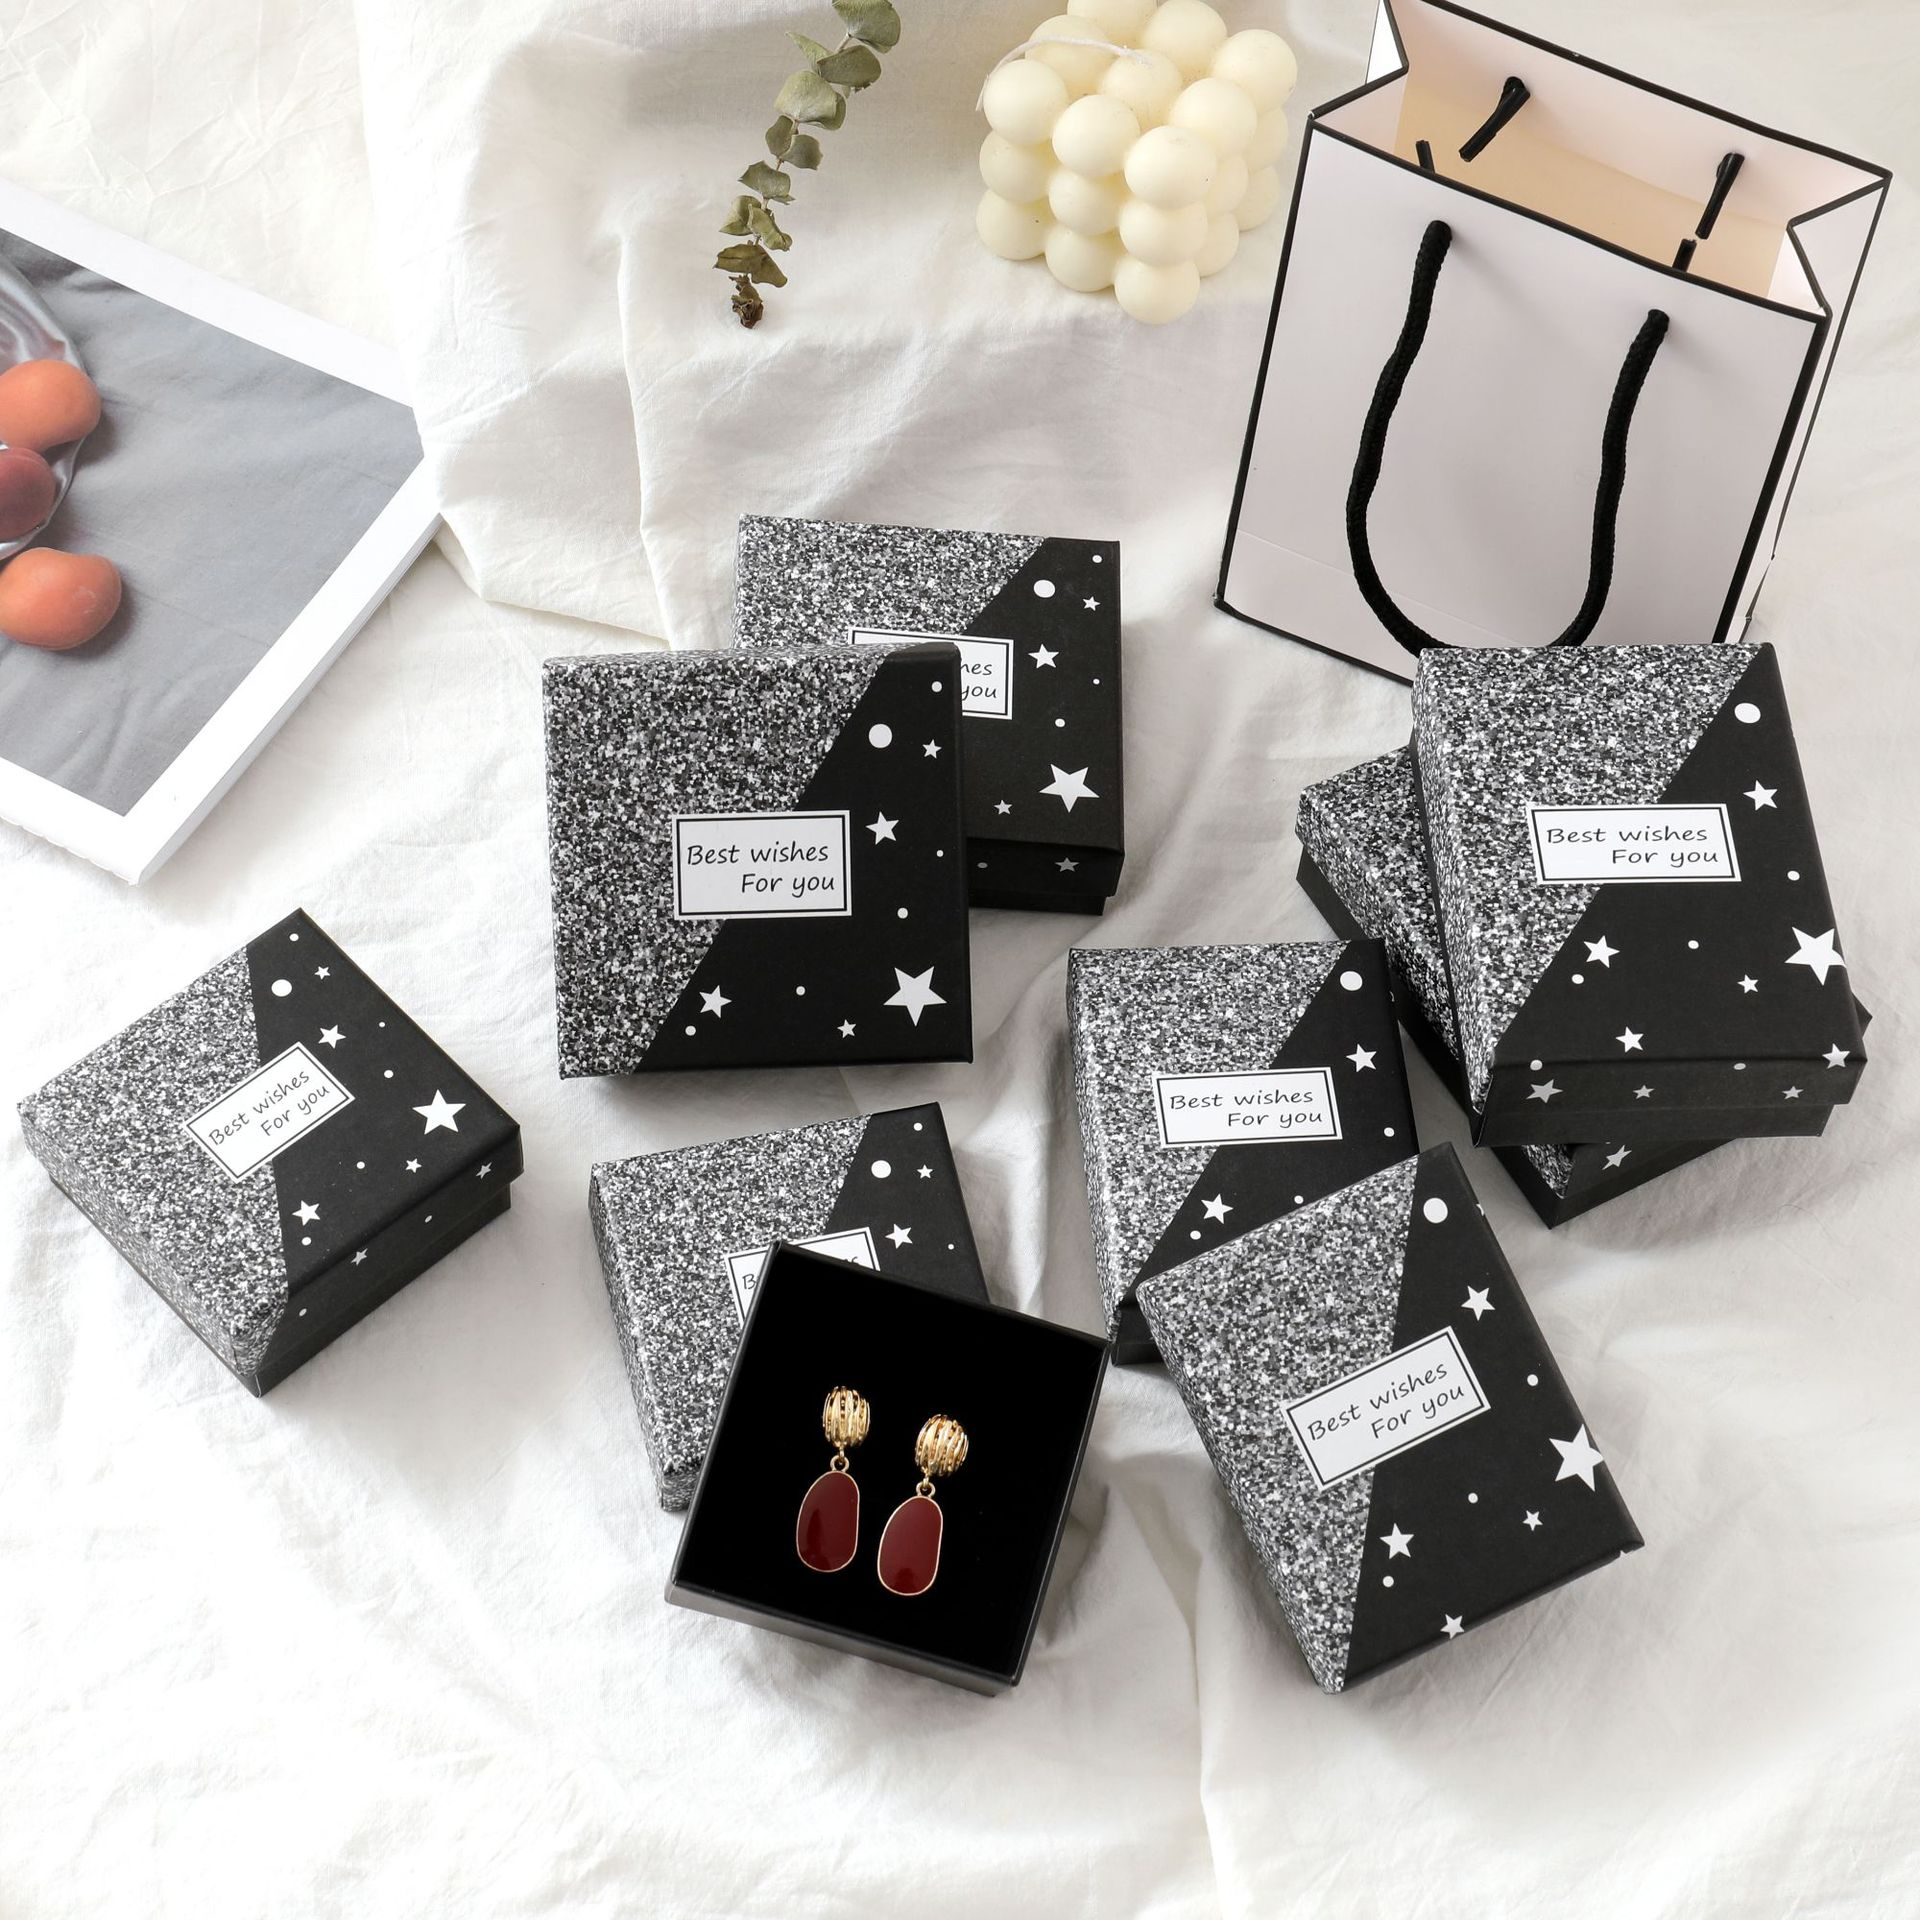 24 картонных шкатулки для украшений, набор звезд, подарочные коробки для хранения, квадратные прямоугольные для ожерелий, браслетов, серег, к...